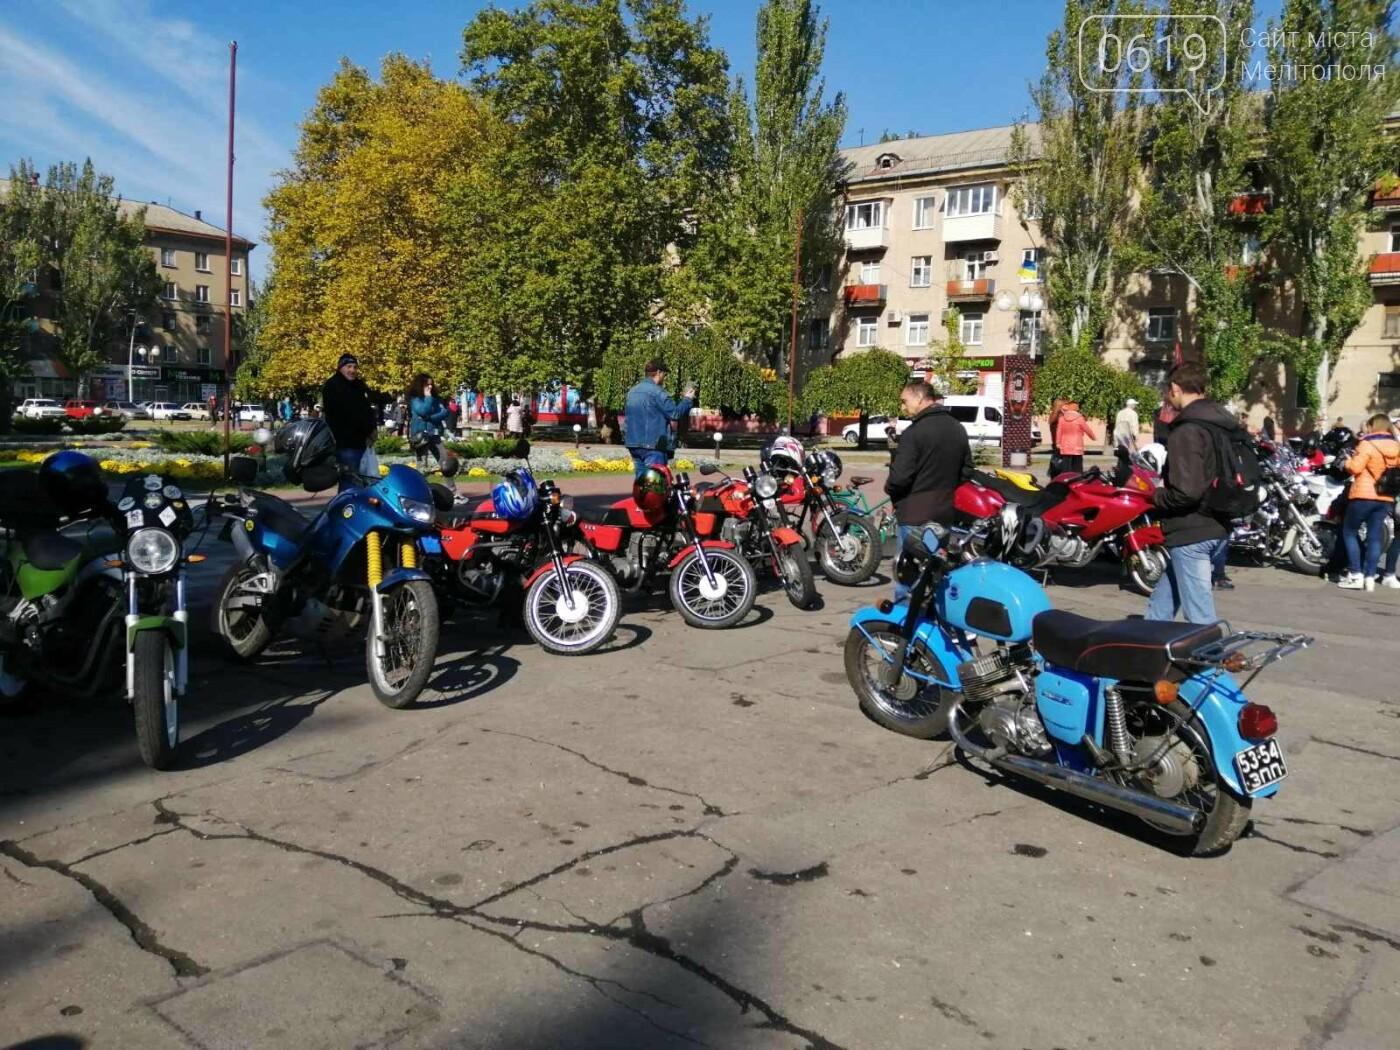 Байкеры проехали колонной по Мелитополю в честь закрытия мотосезона, - ФОТО, фото-2